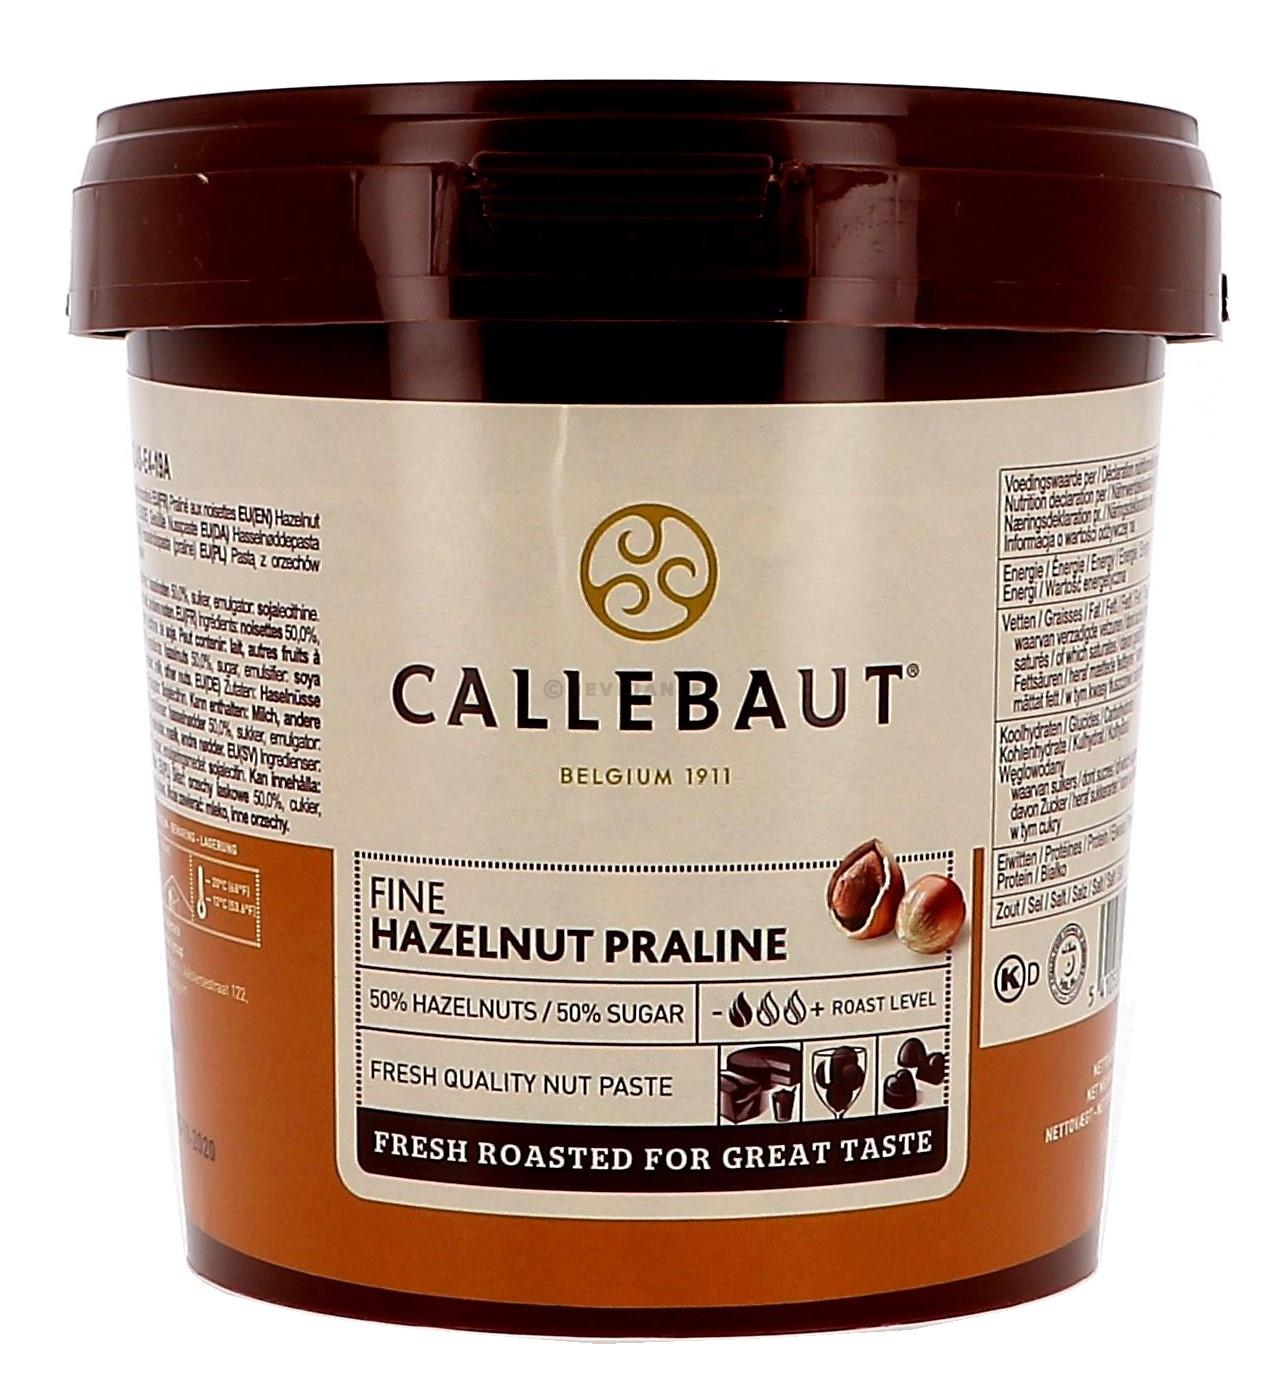 Callebaut praliné noisettes 1kg seau (Chocolade)